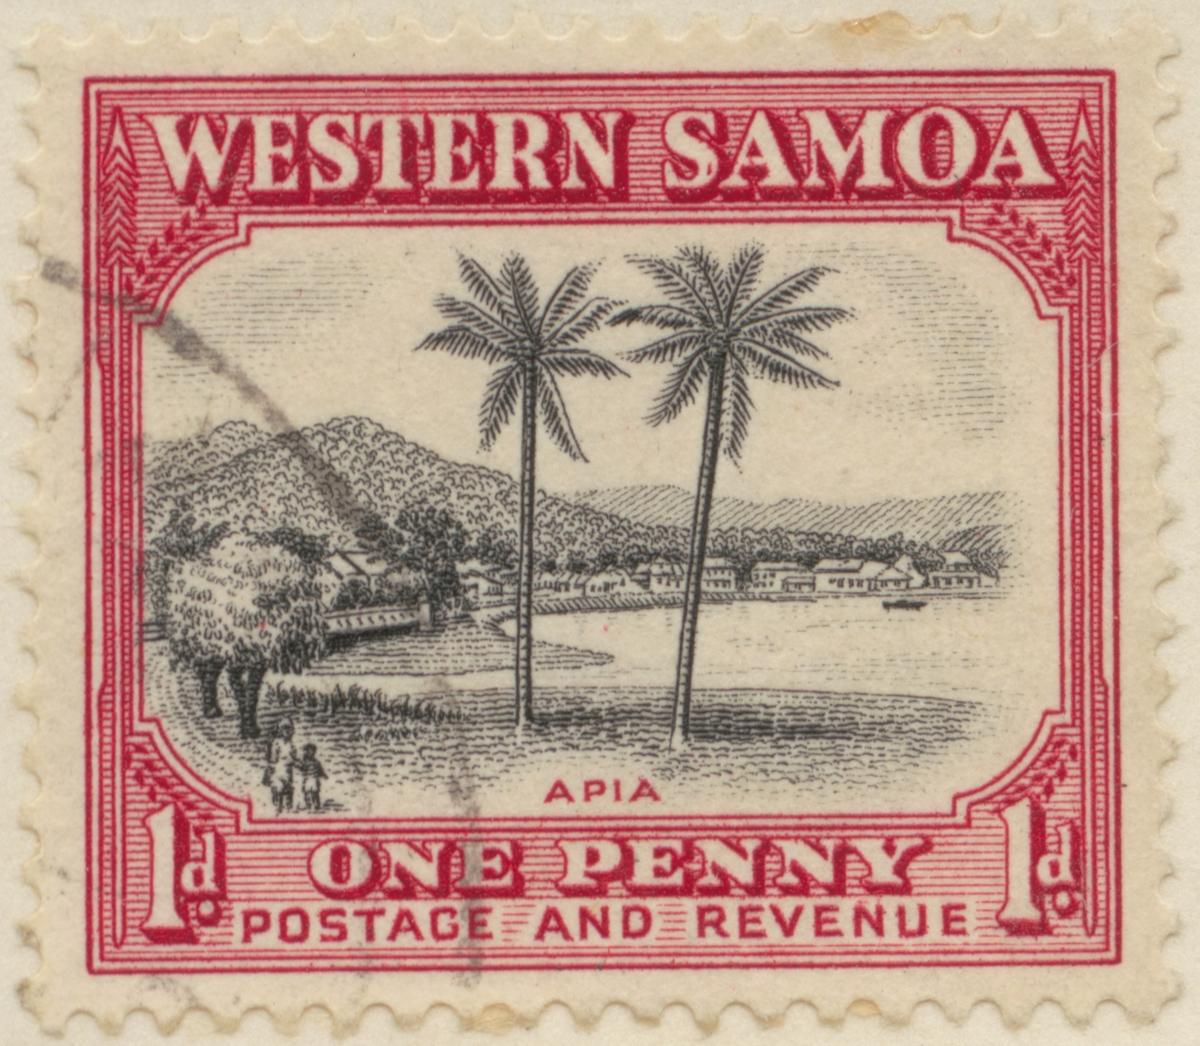 Frimärke ur Gösta Bodmans filatelistiska motivsamling, påbörjad 1950. Frimärke från Samoaöarna, 1935. Motiv av palmer vid huvudstaden Apia på ön Upolu.